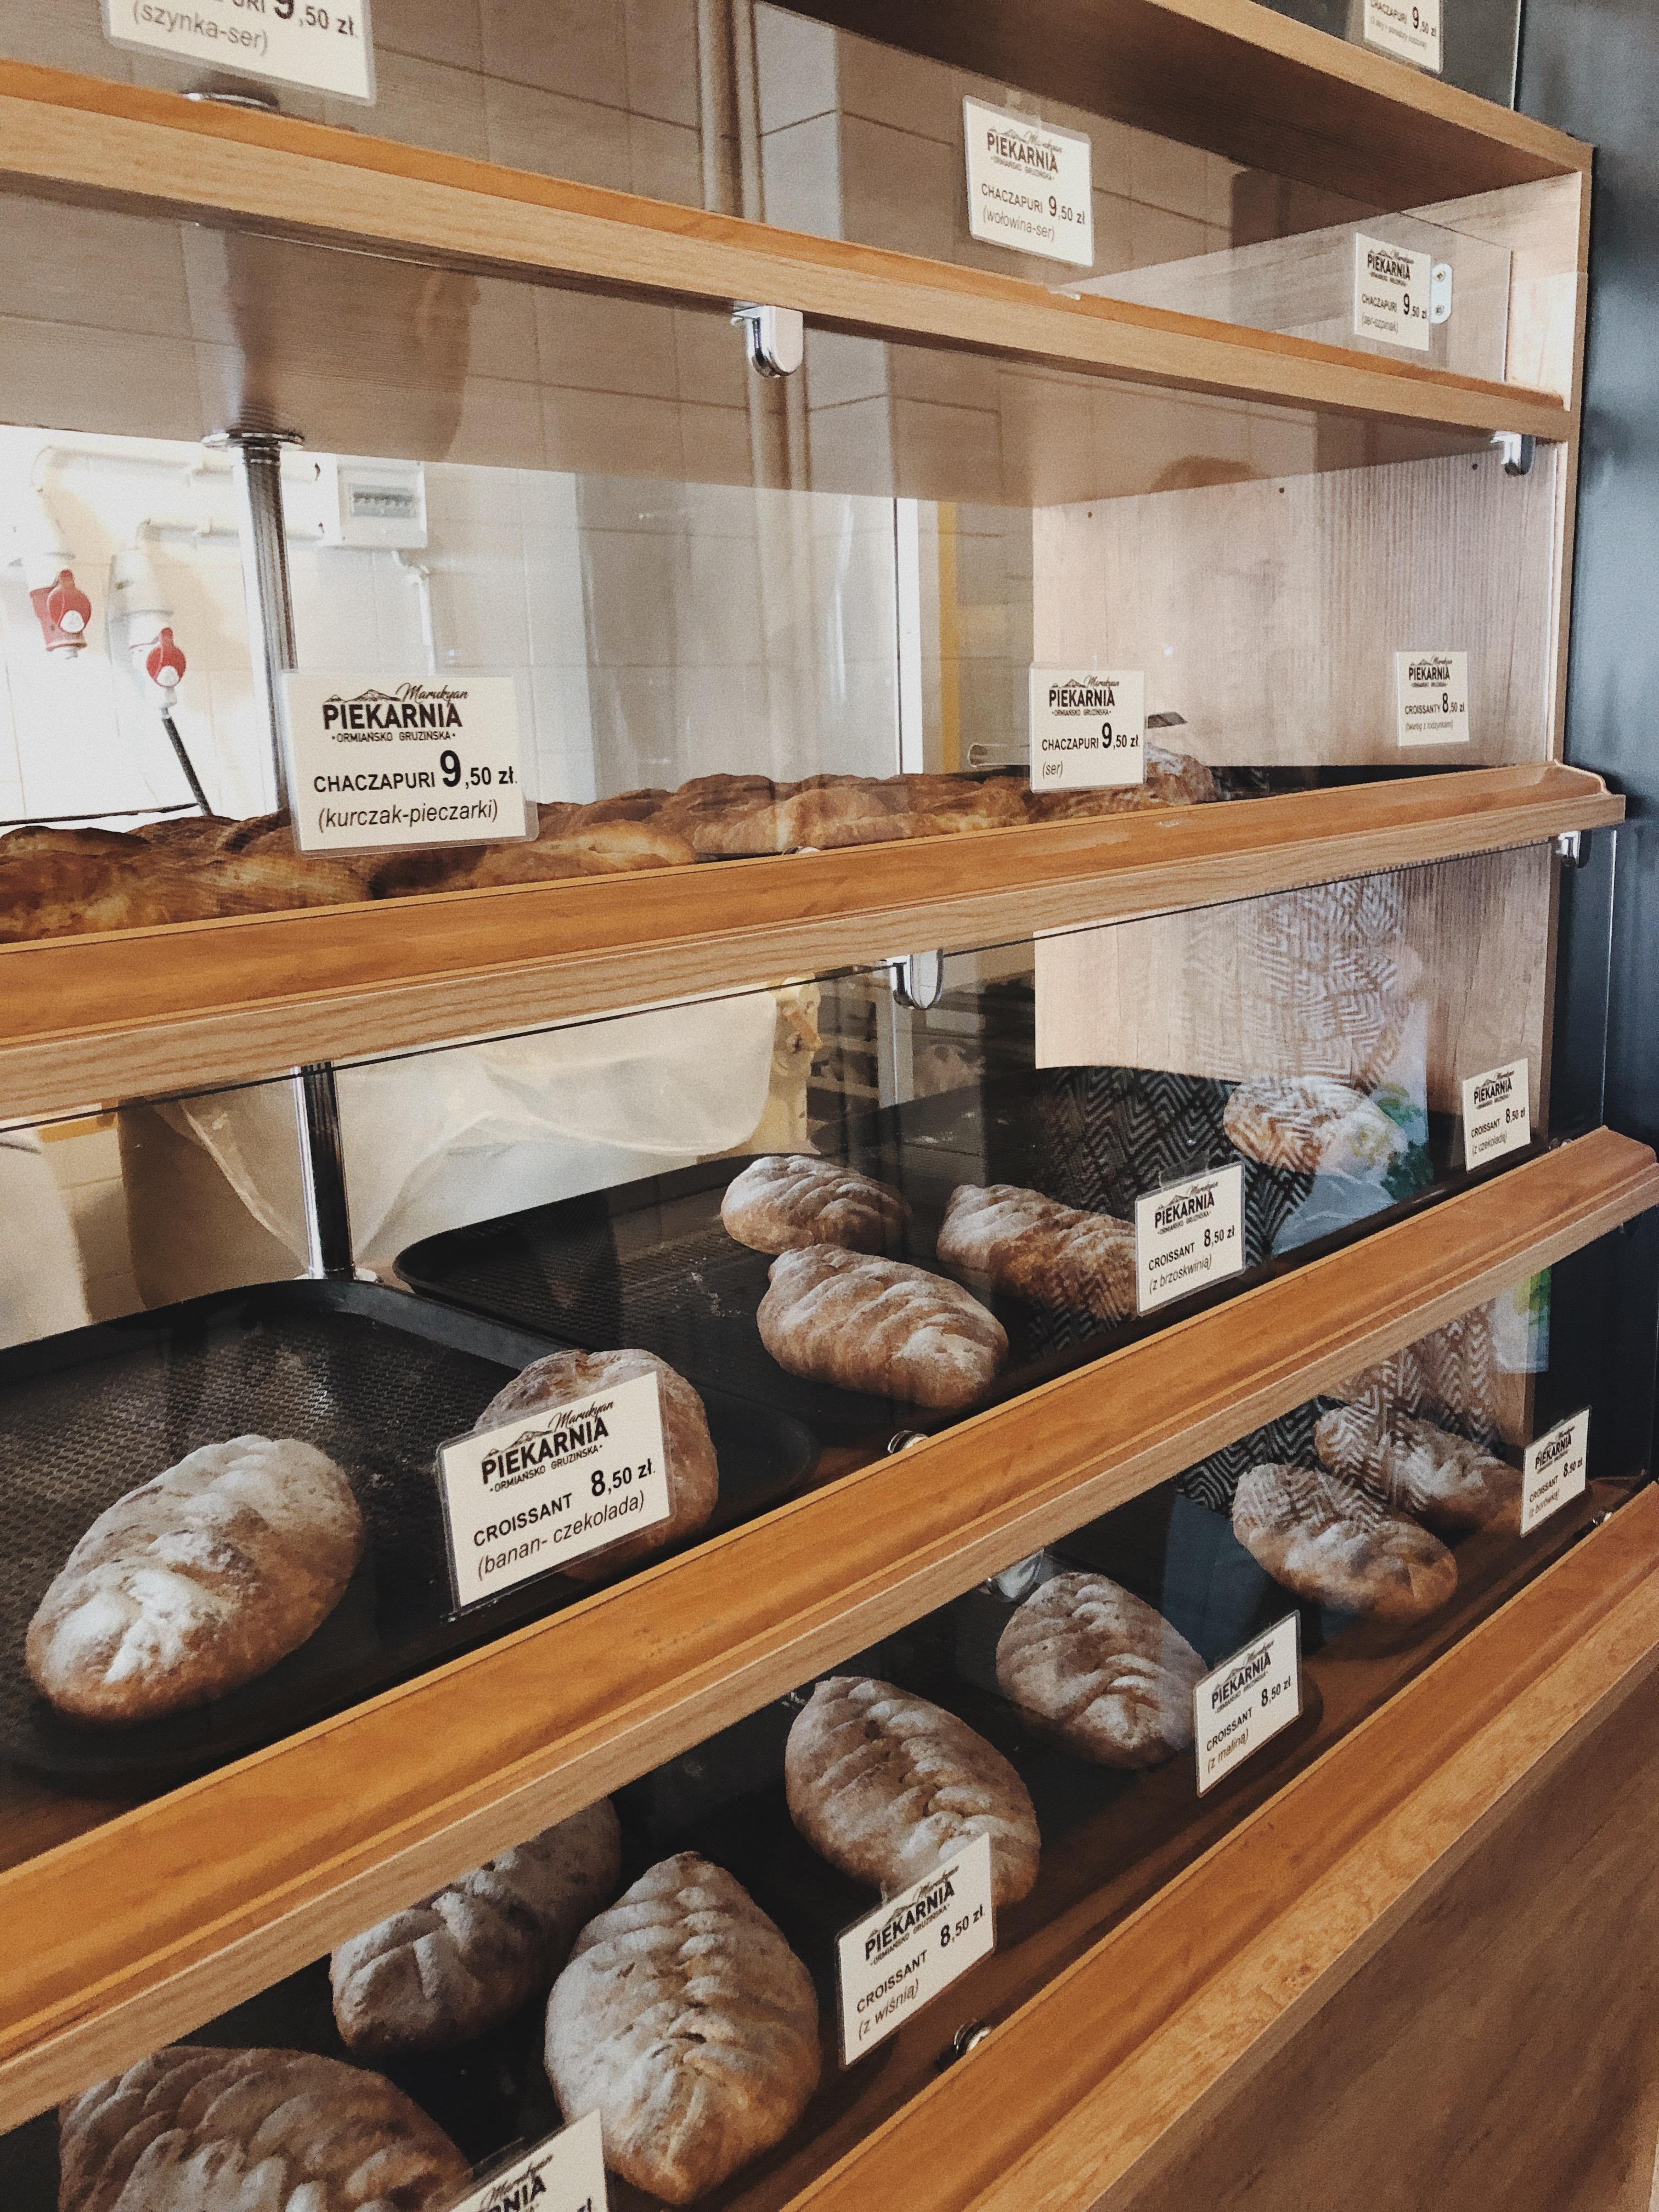 gruziński chleb